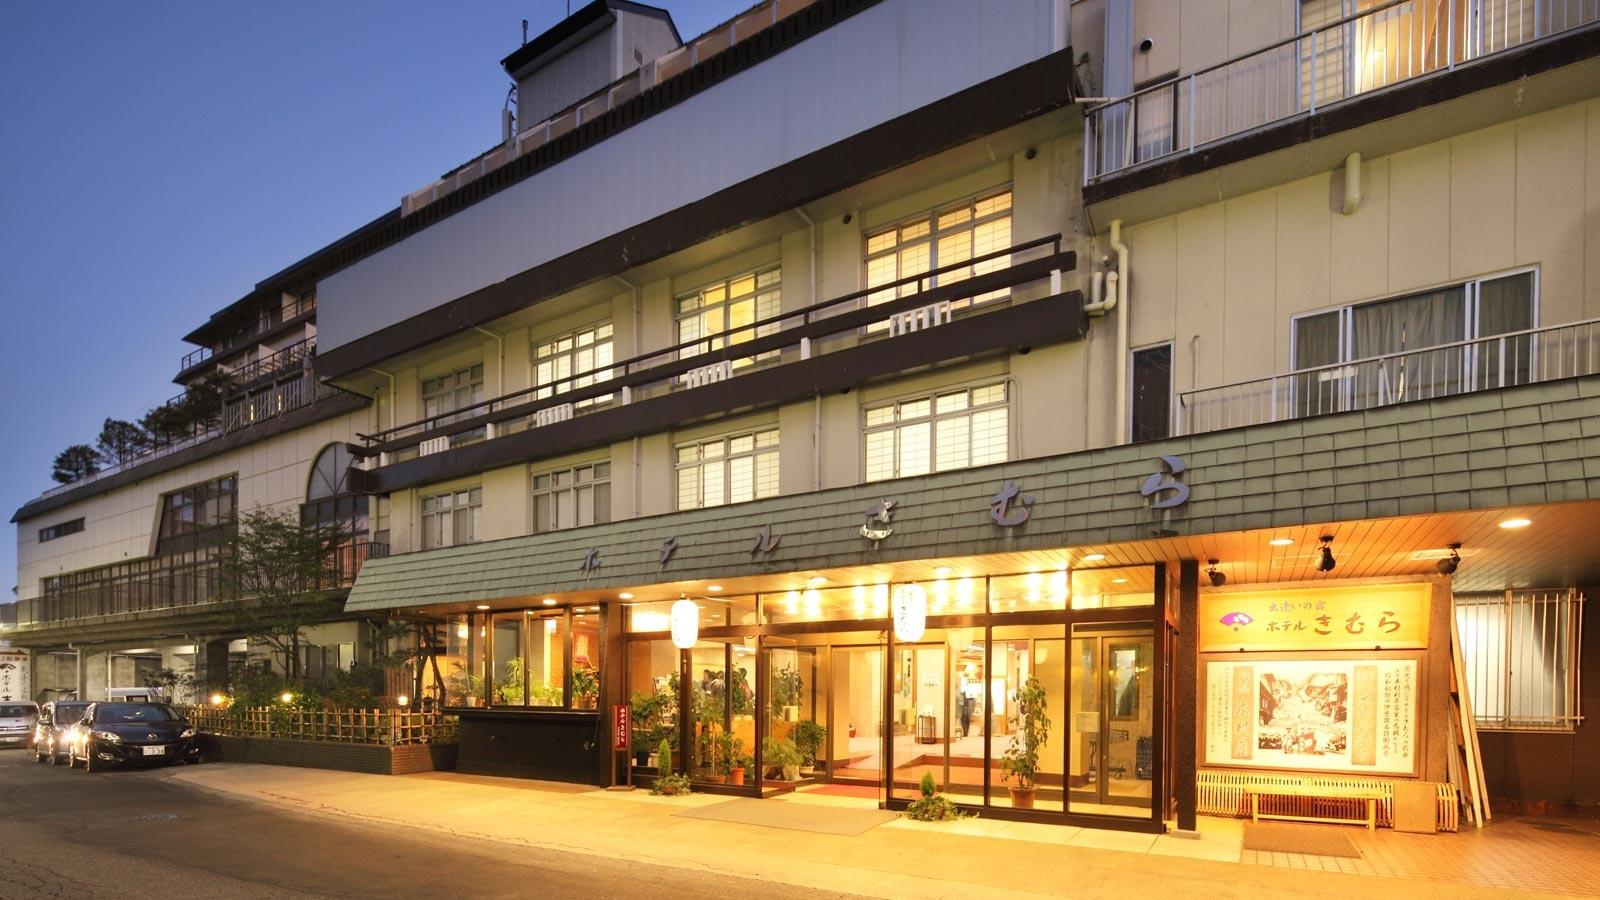 伊香保温泉 名物畳風呂と料理自慢の宿 ホテルきむら image